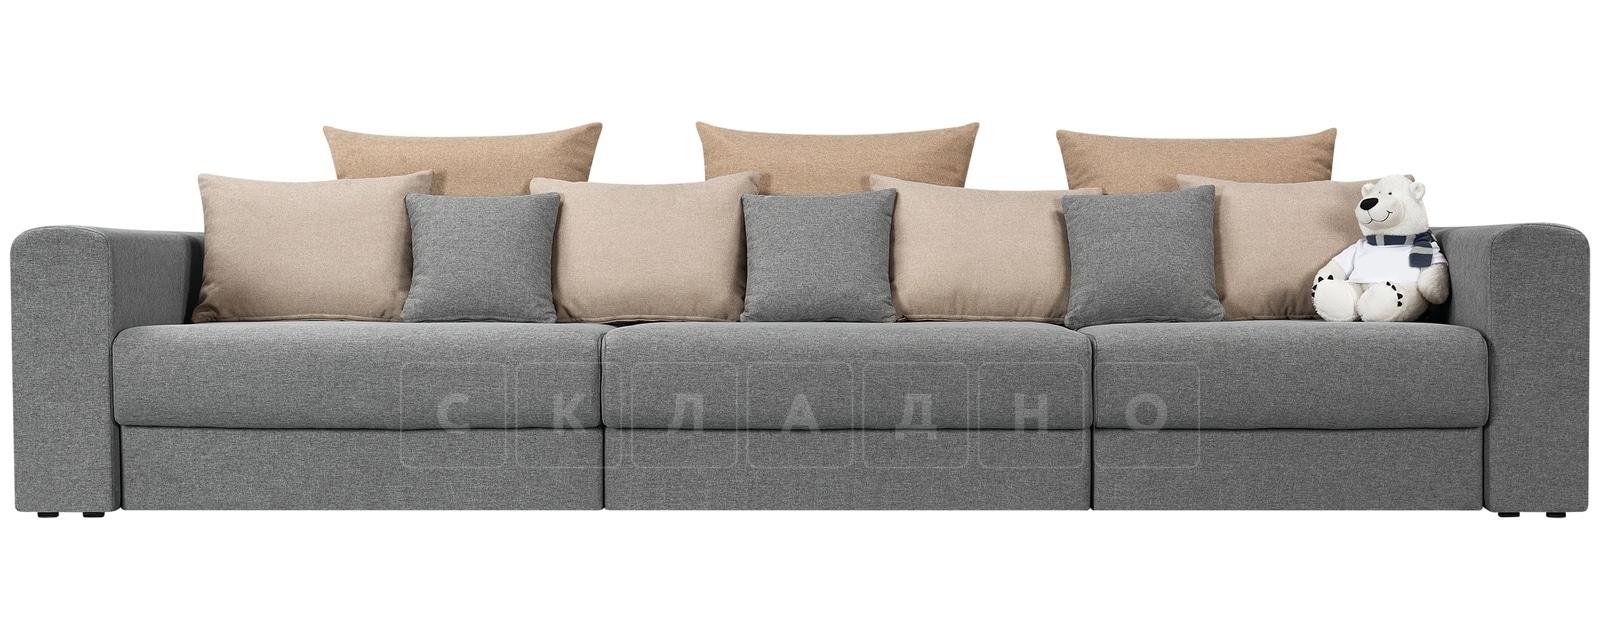 Диван Медисон серый 325 см фото 2 | интернет-магазин Складно